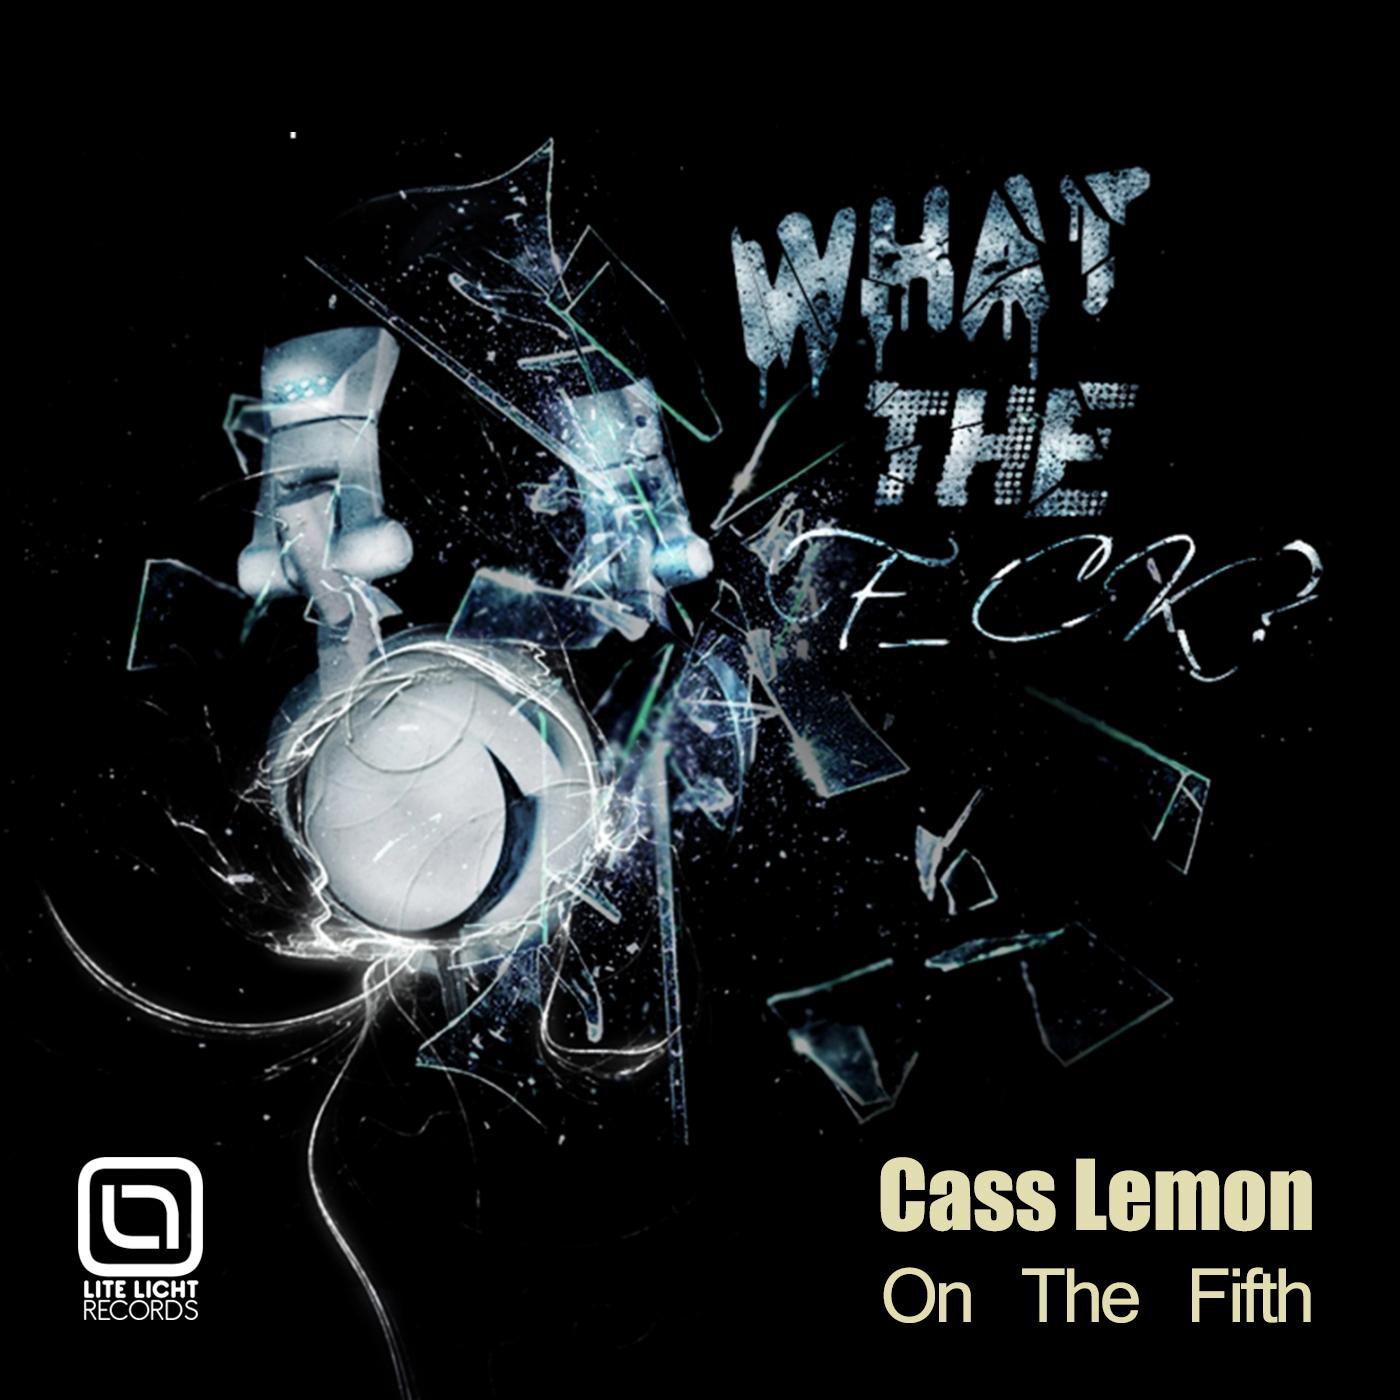 Cass-Lemon